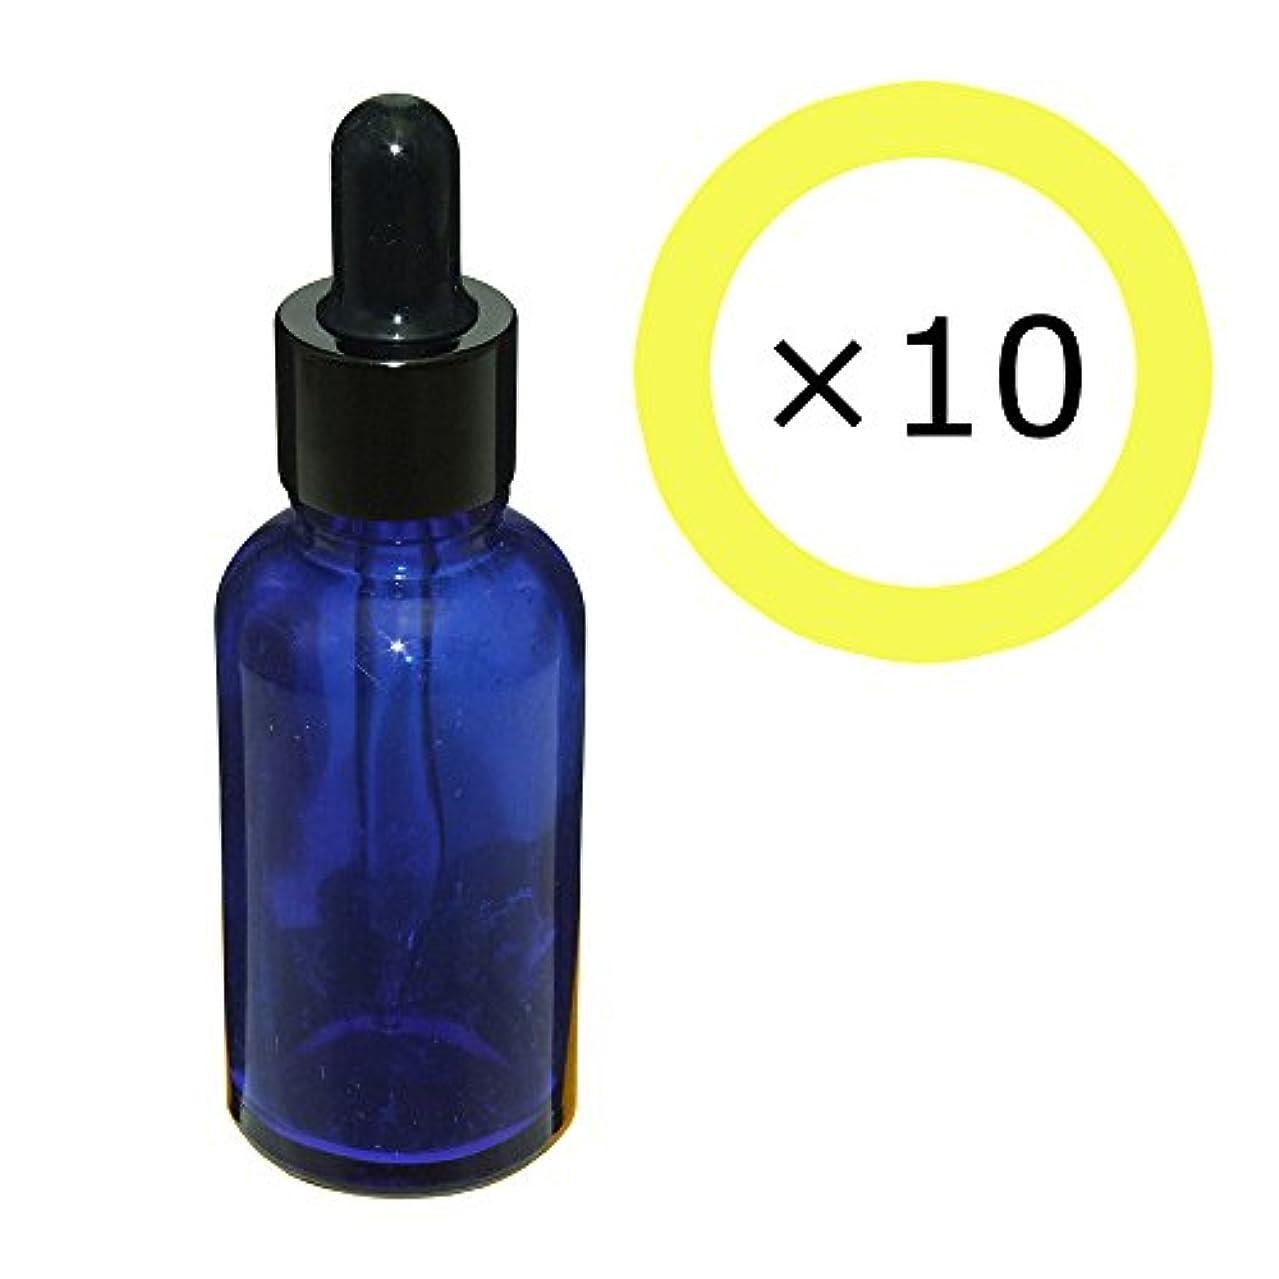 ささいな優れました大気ガレージ?ゼロ 遮光ガラス スポイド瓶 先細タイプ 青 30ml×10個/アロマ保存